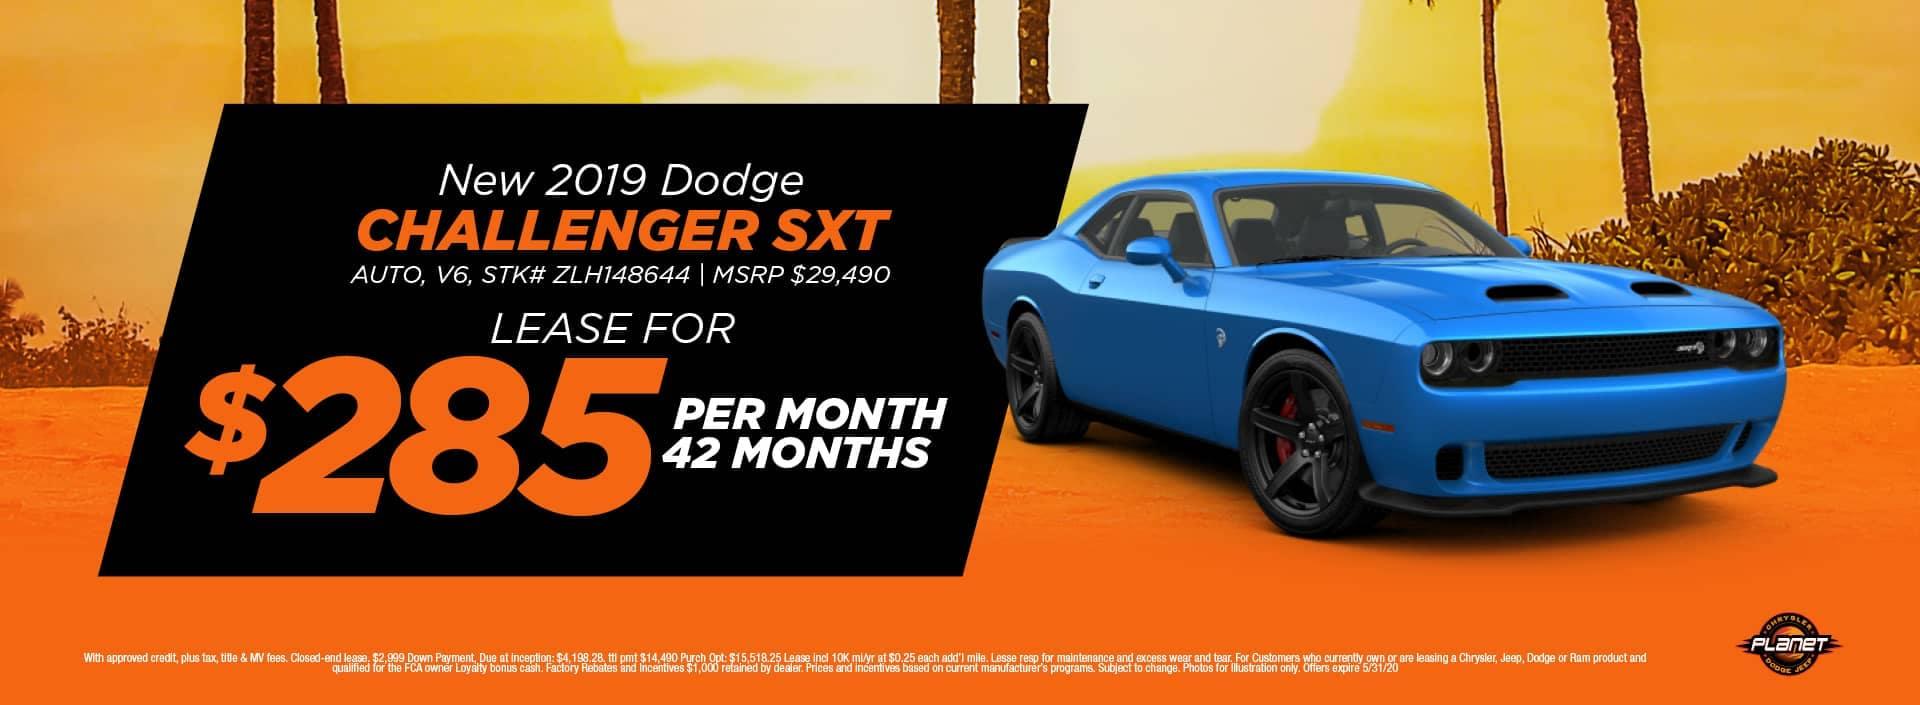 banner for 2019 Challenger SXT